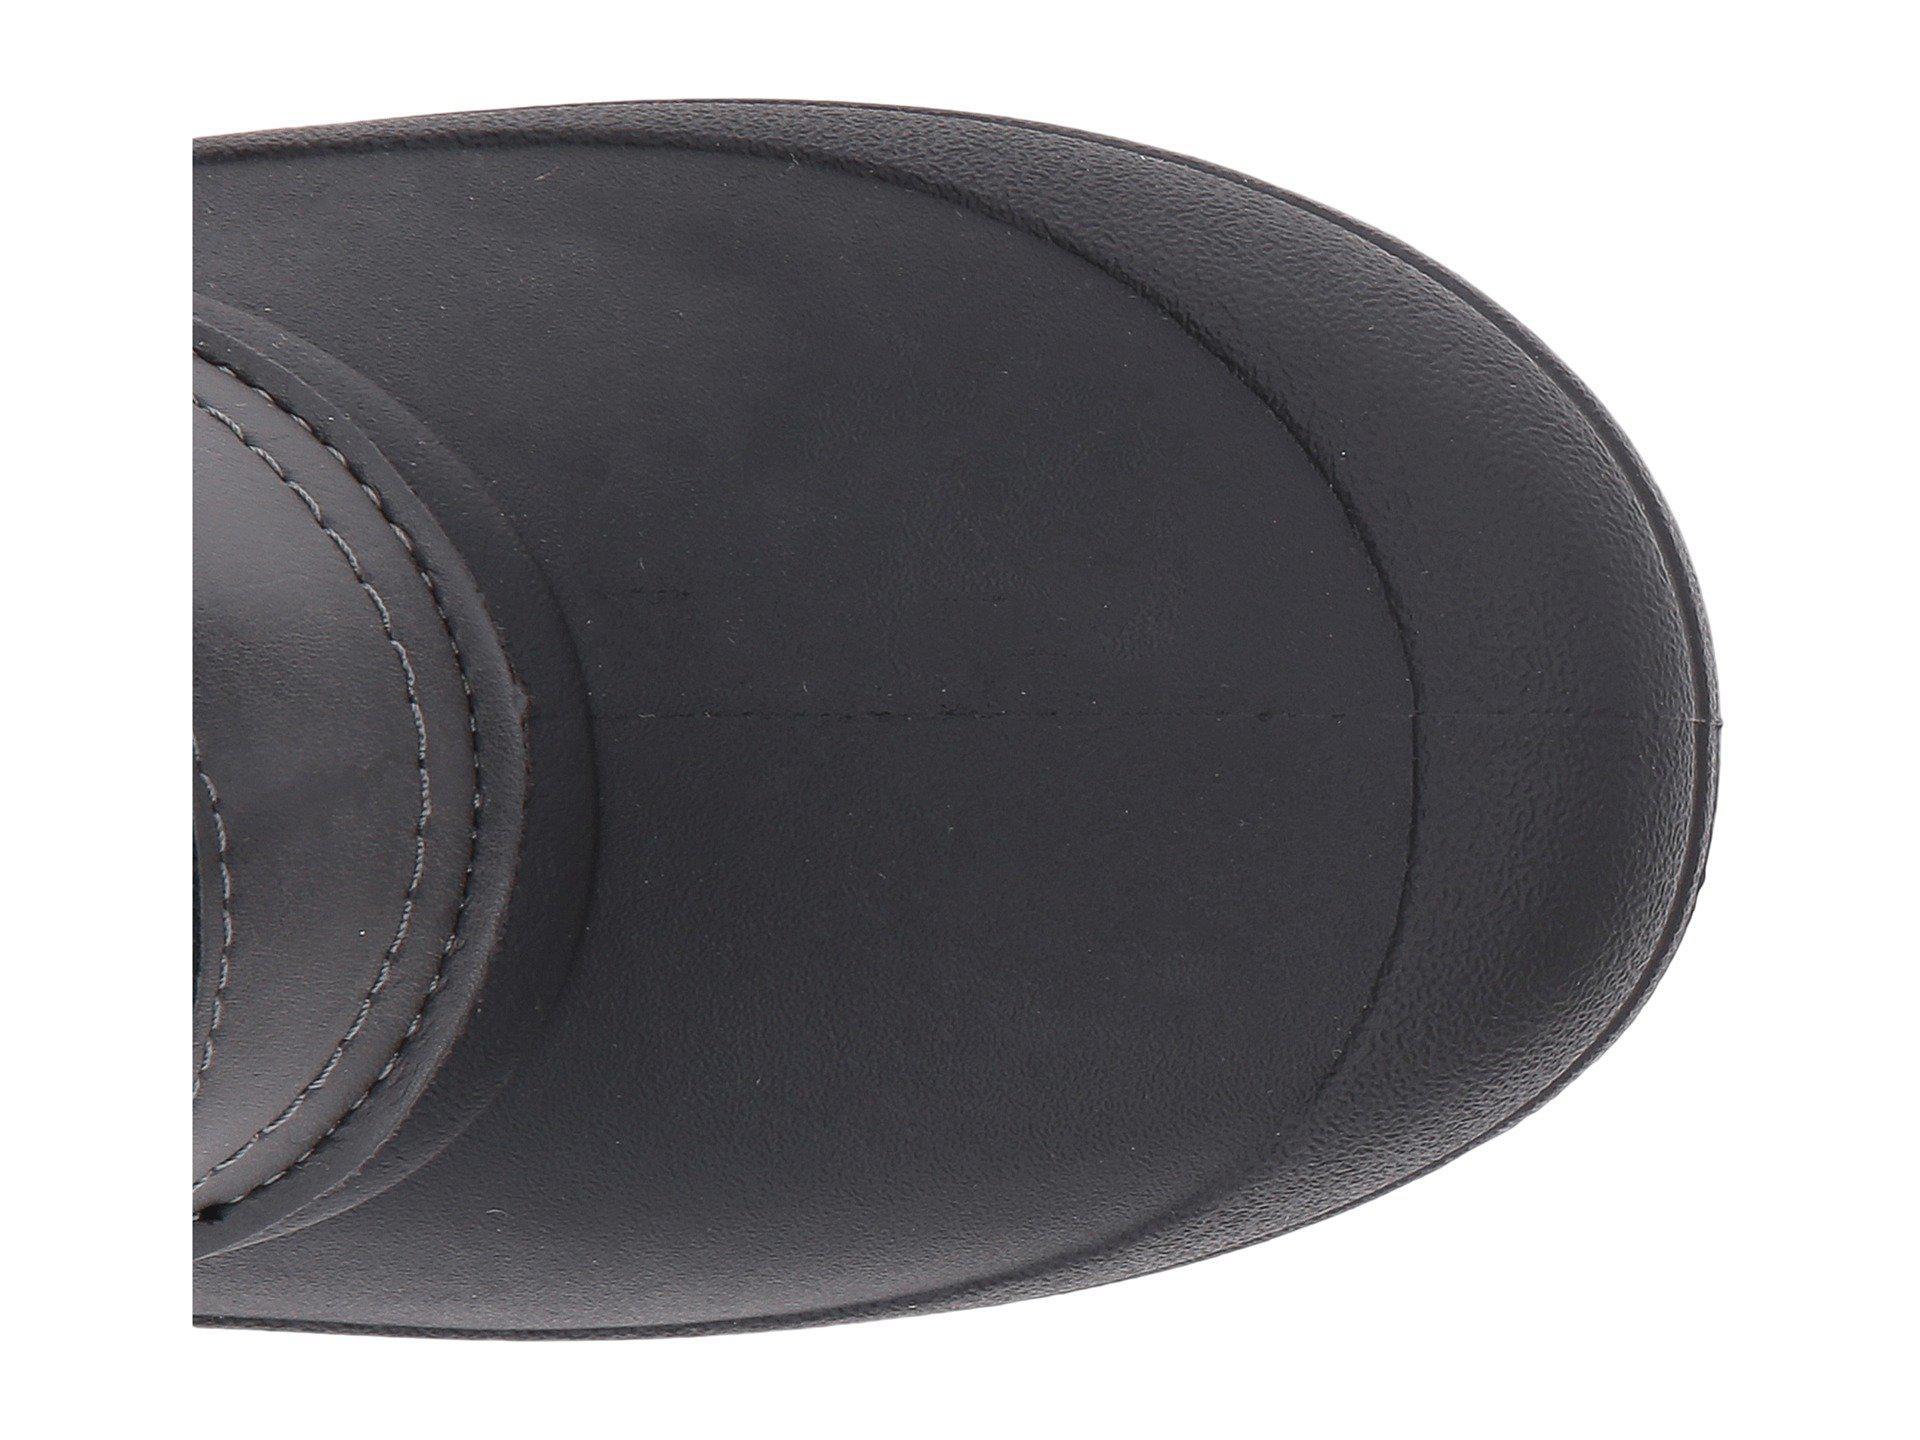 9cae67d91be1d Tundra Boots - Black Ella - Lyst. View fullscreen